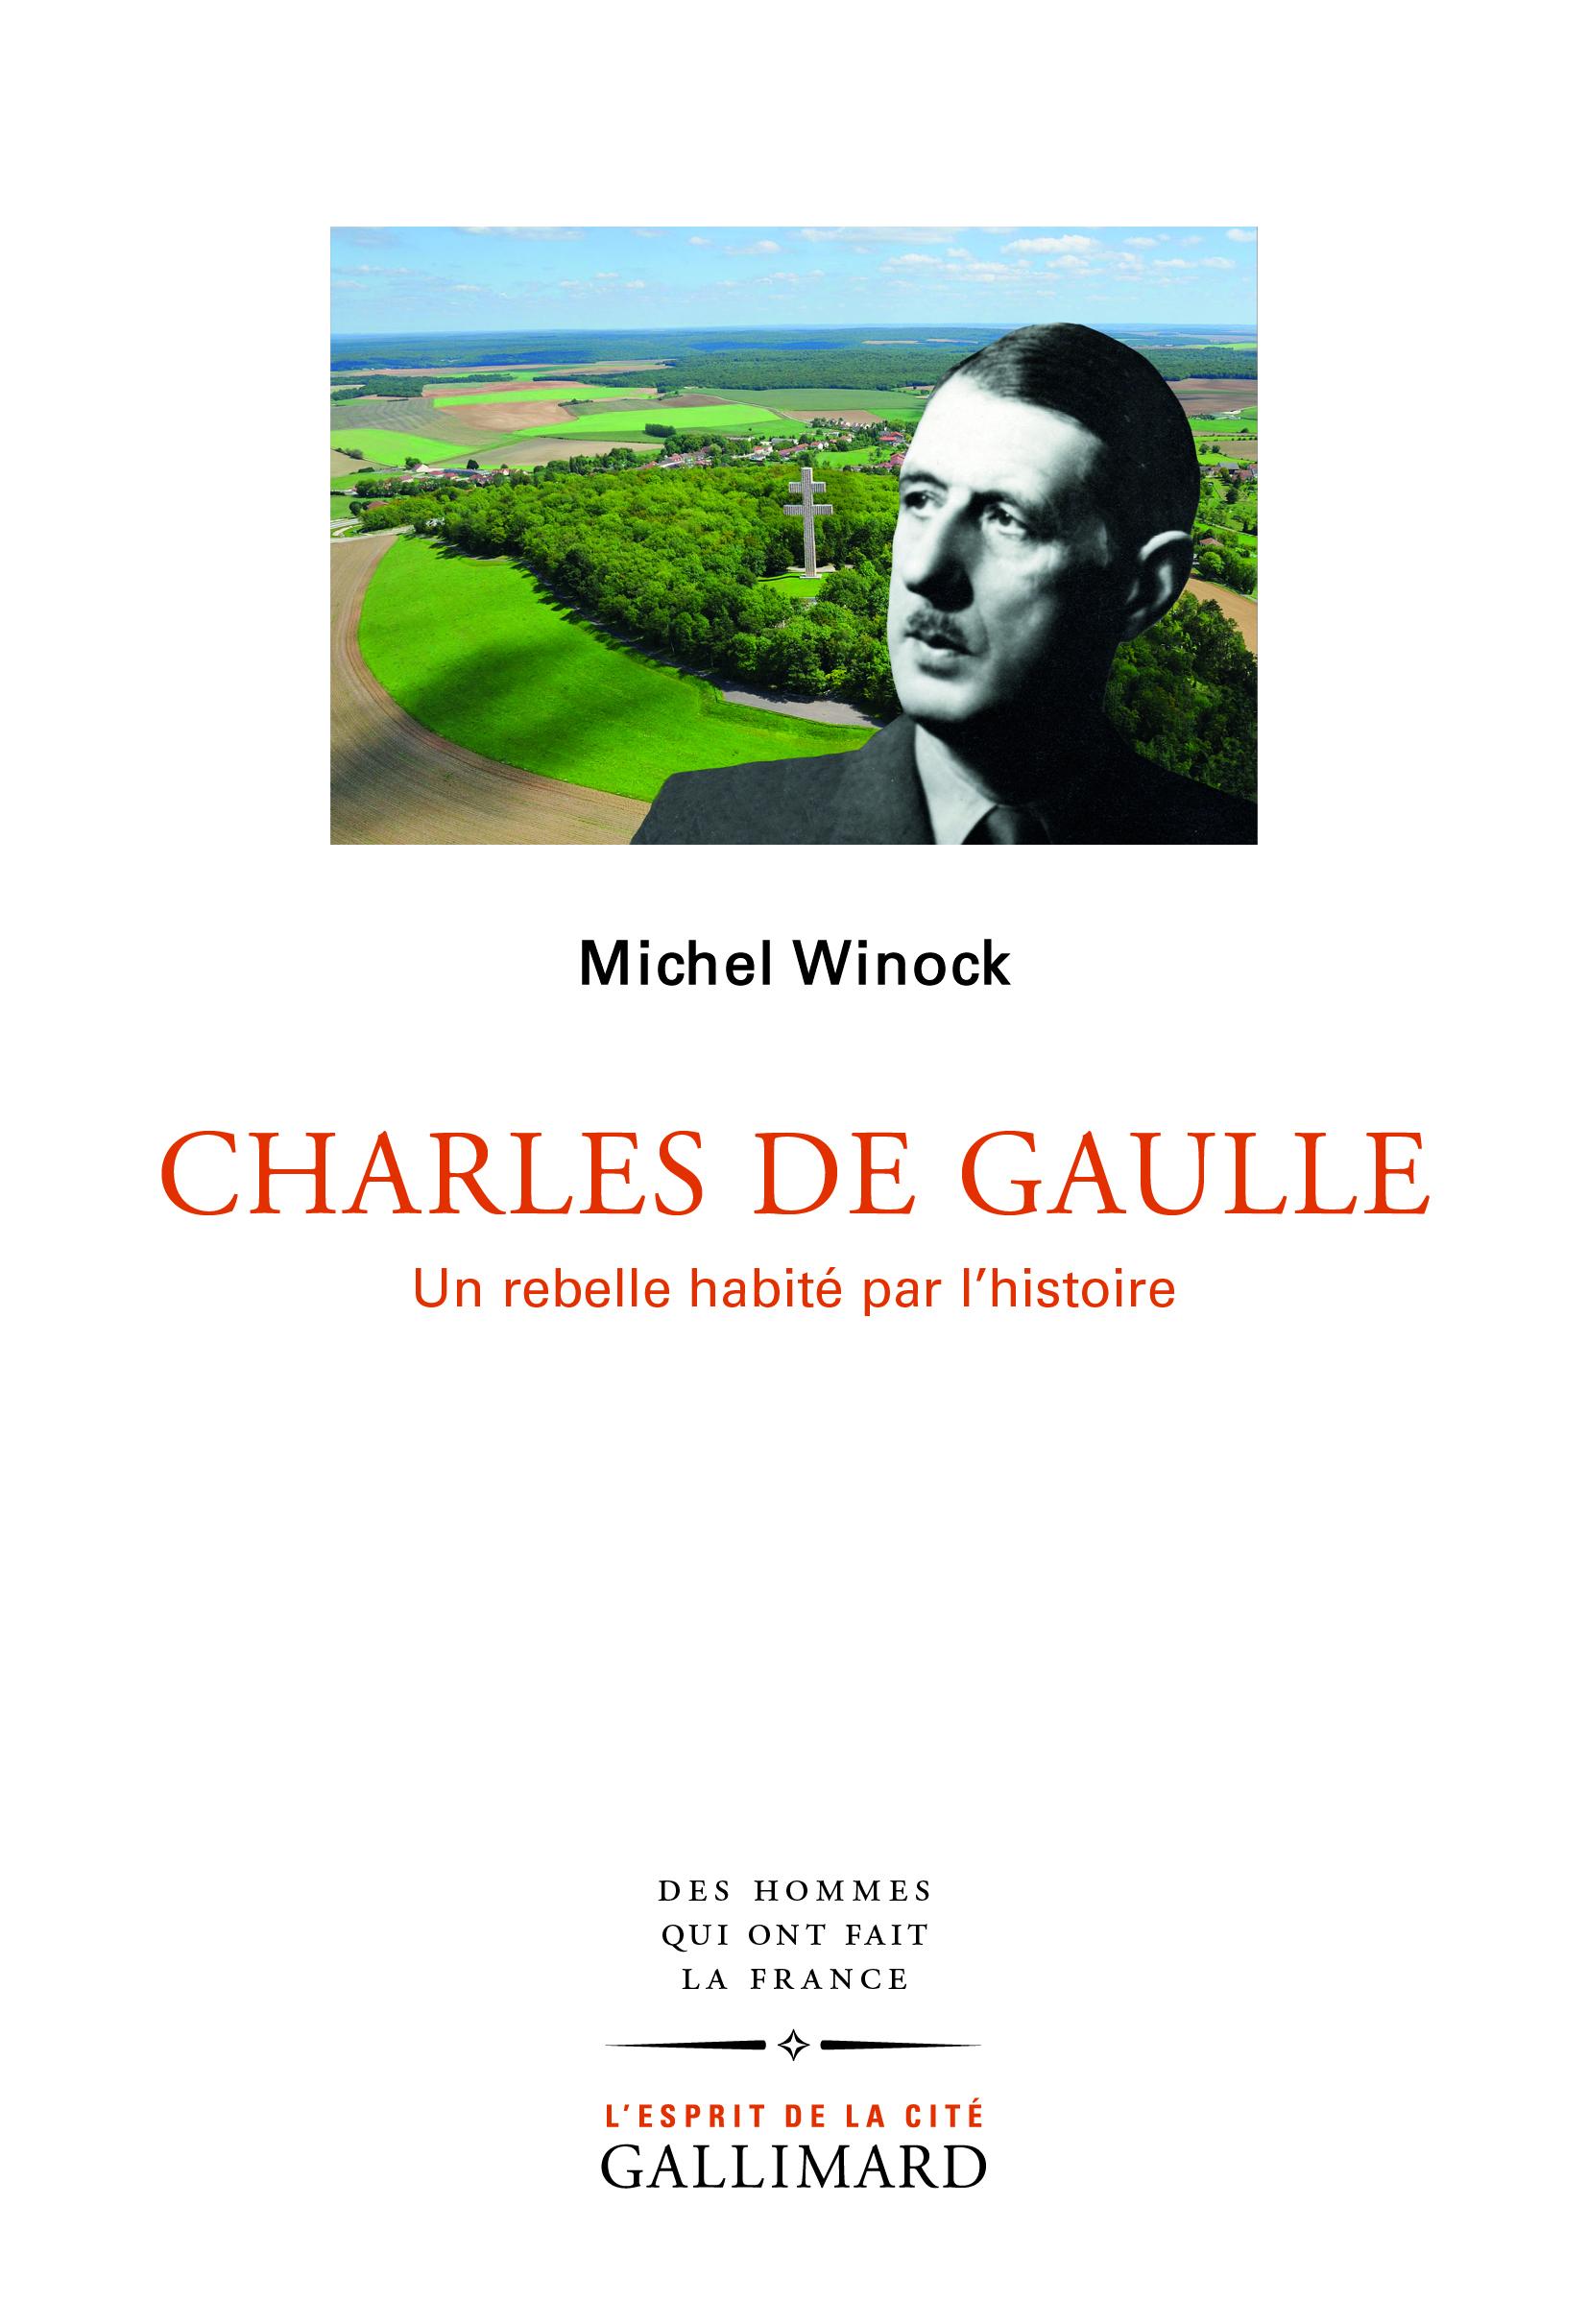 CHARLES DE GAULLE - UN REBELLE HABITE PAR L'HISTOIRE